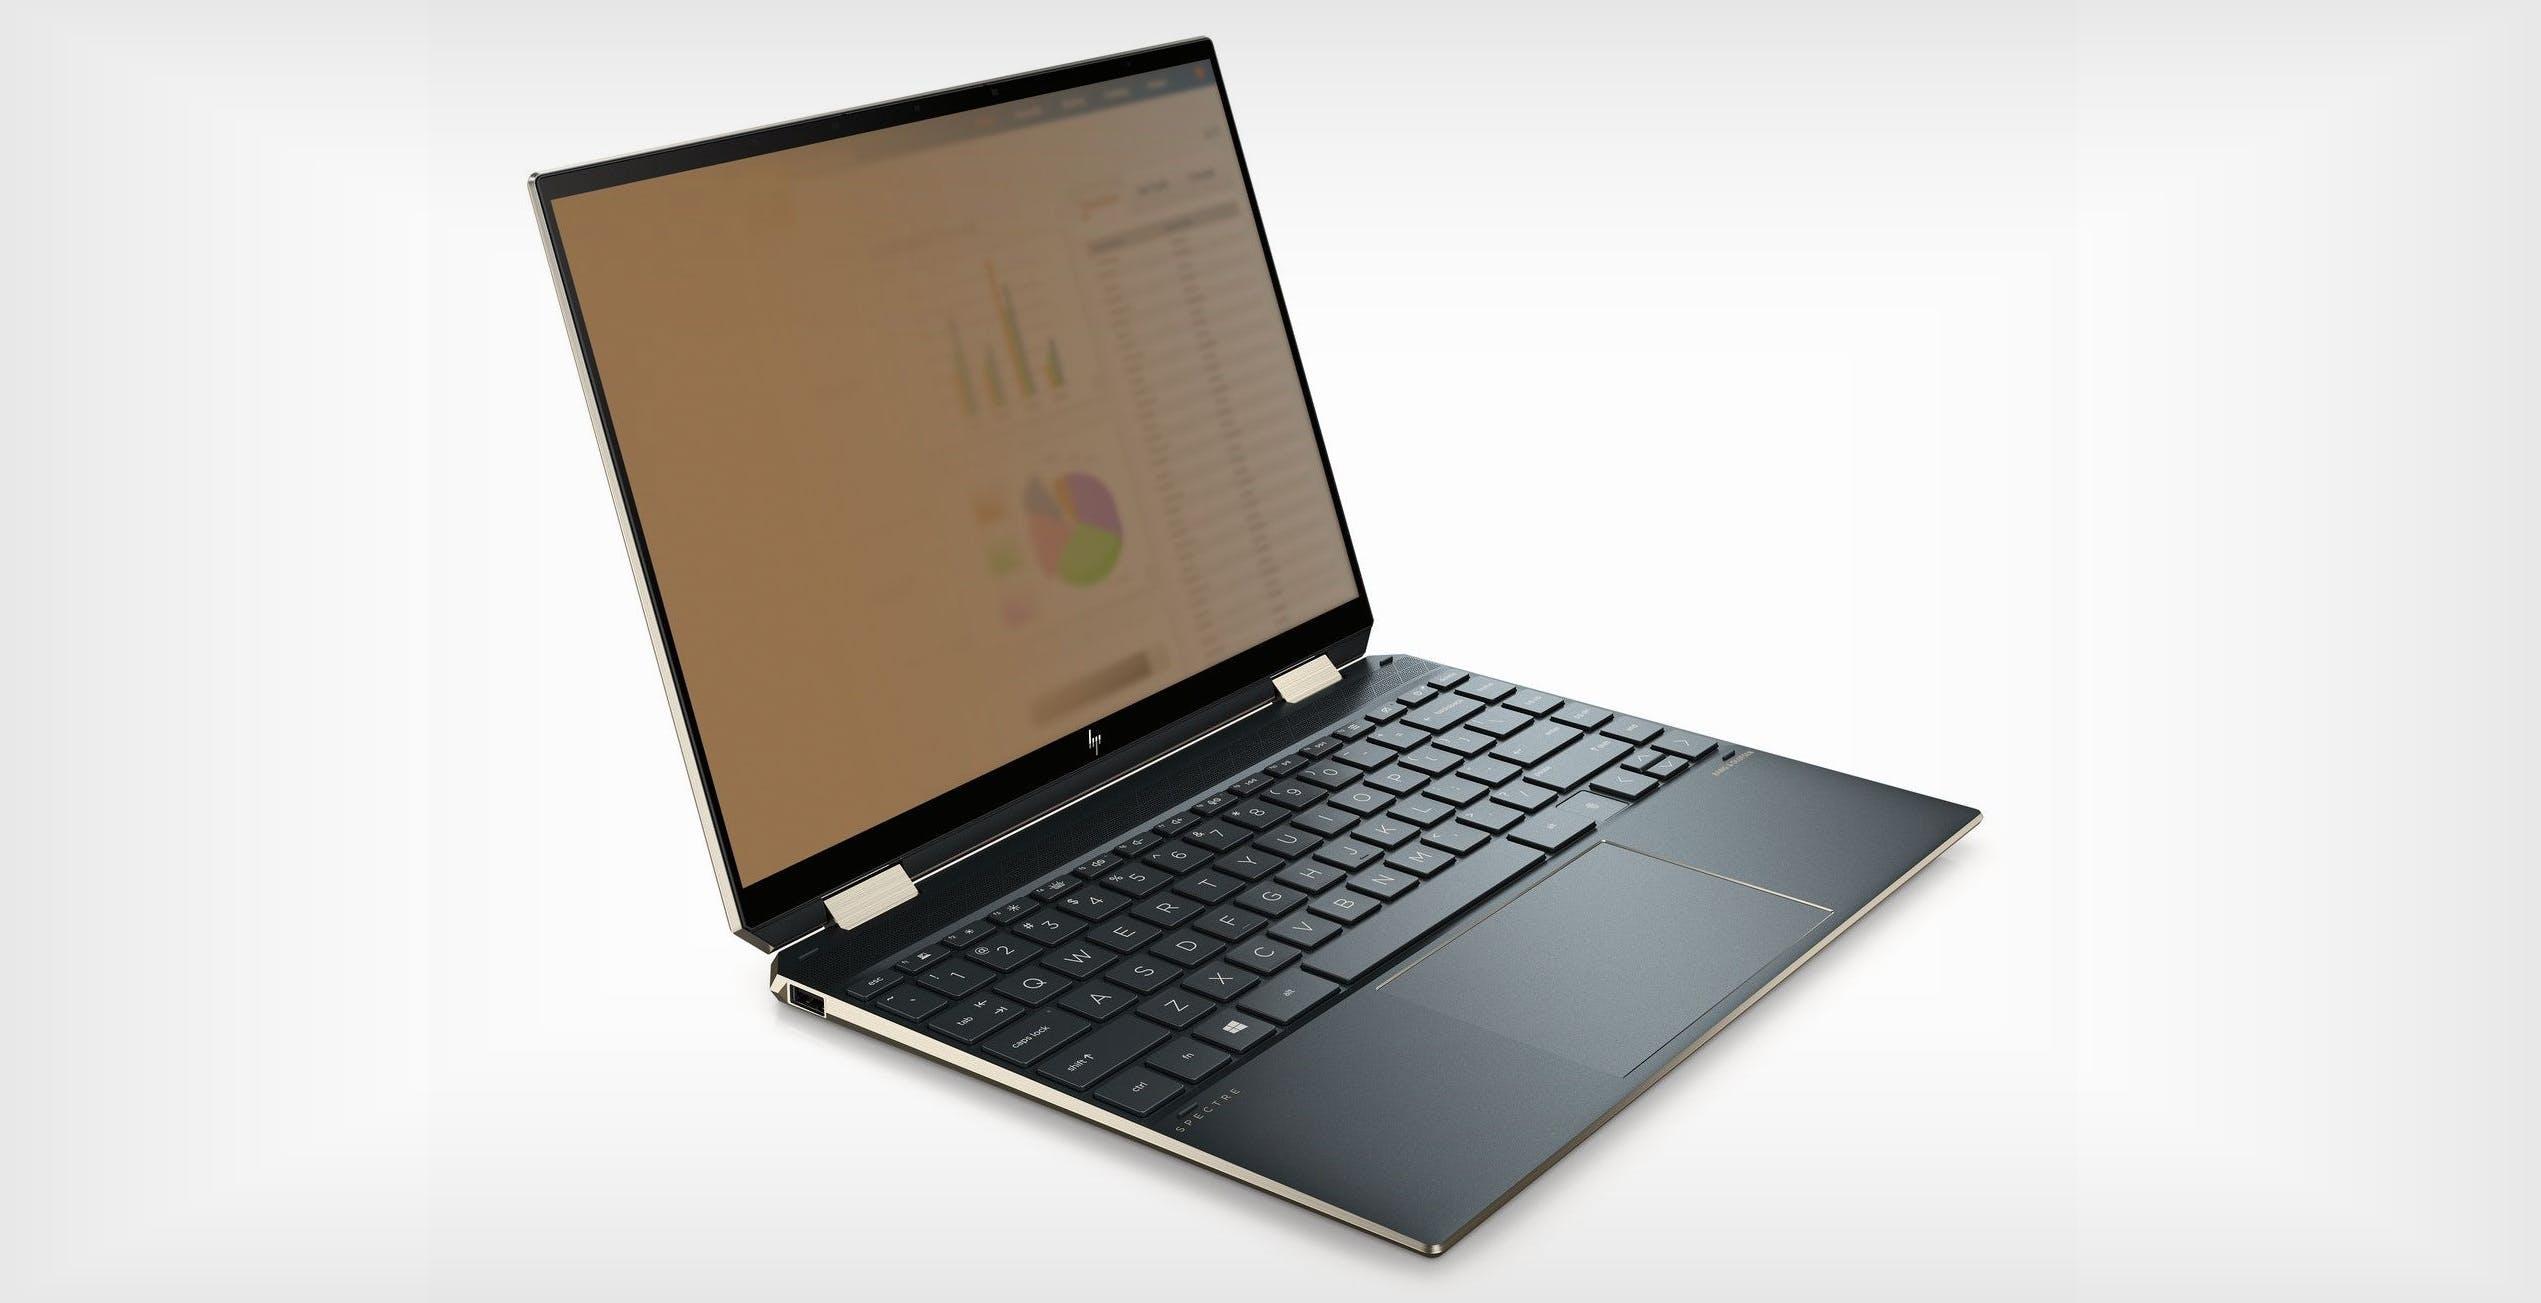 HP alza il tiro: il nuovo Spectre x360 14 ha uno schermo 3:2 e processori Intel Tiger Lake